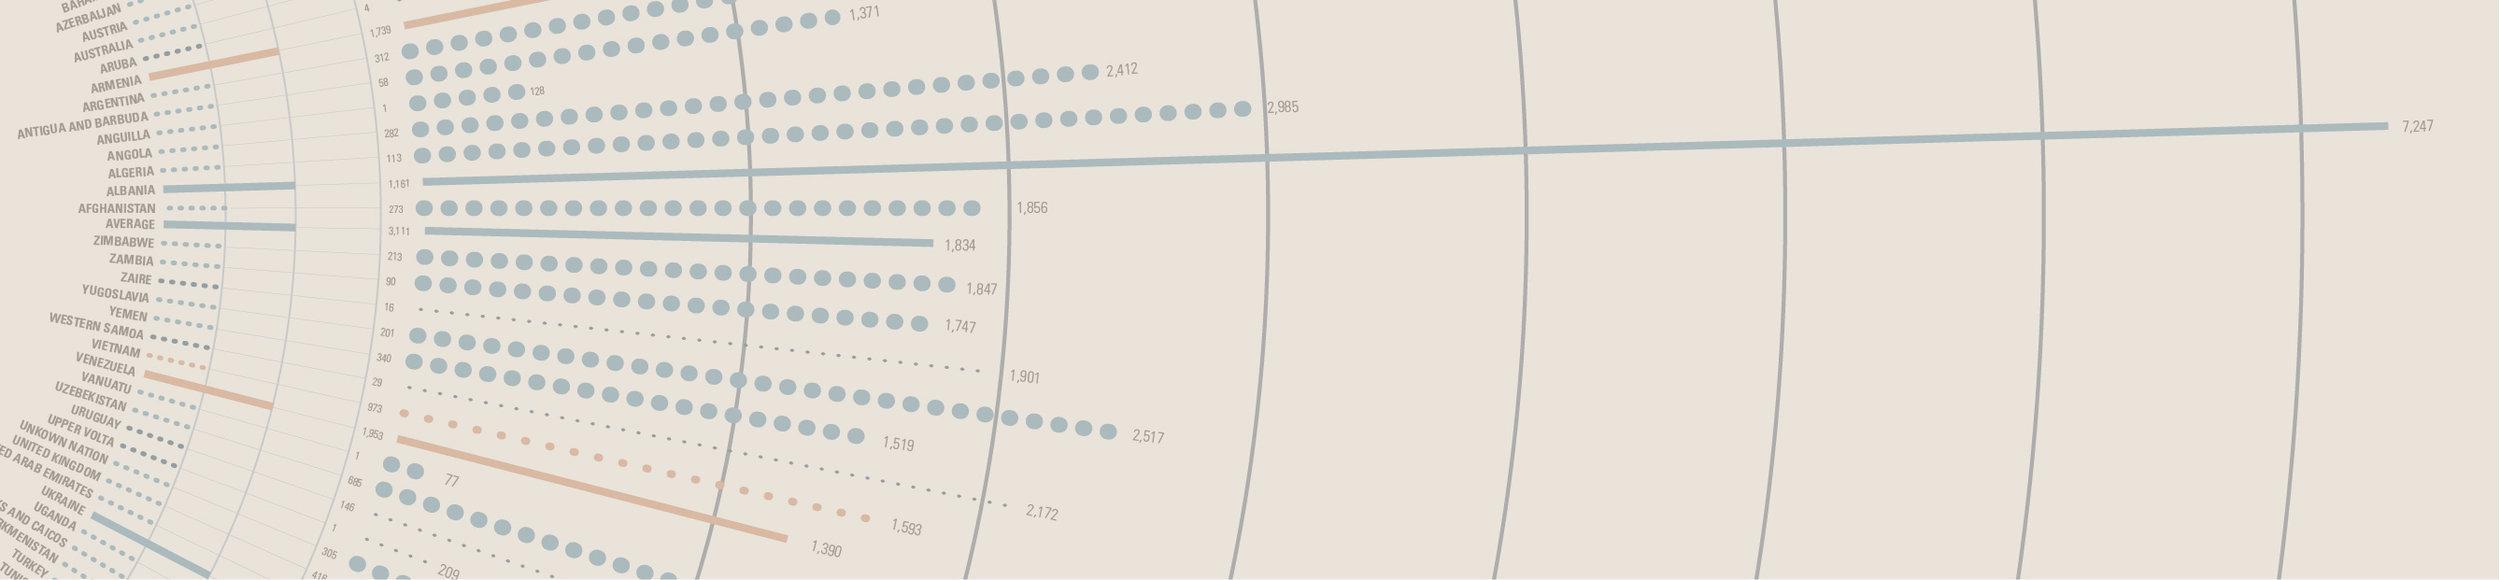 INFO_CIRCLE_V2-details-02.jpg